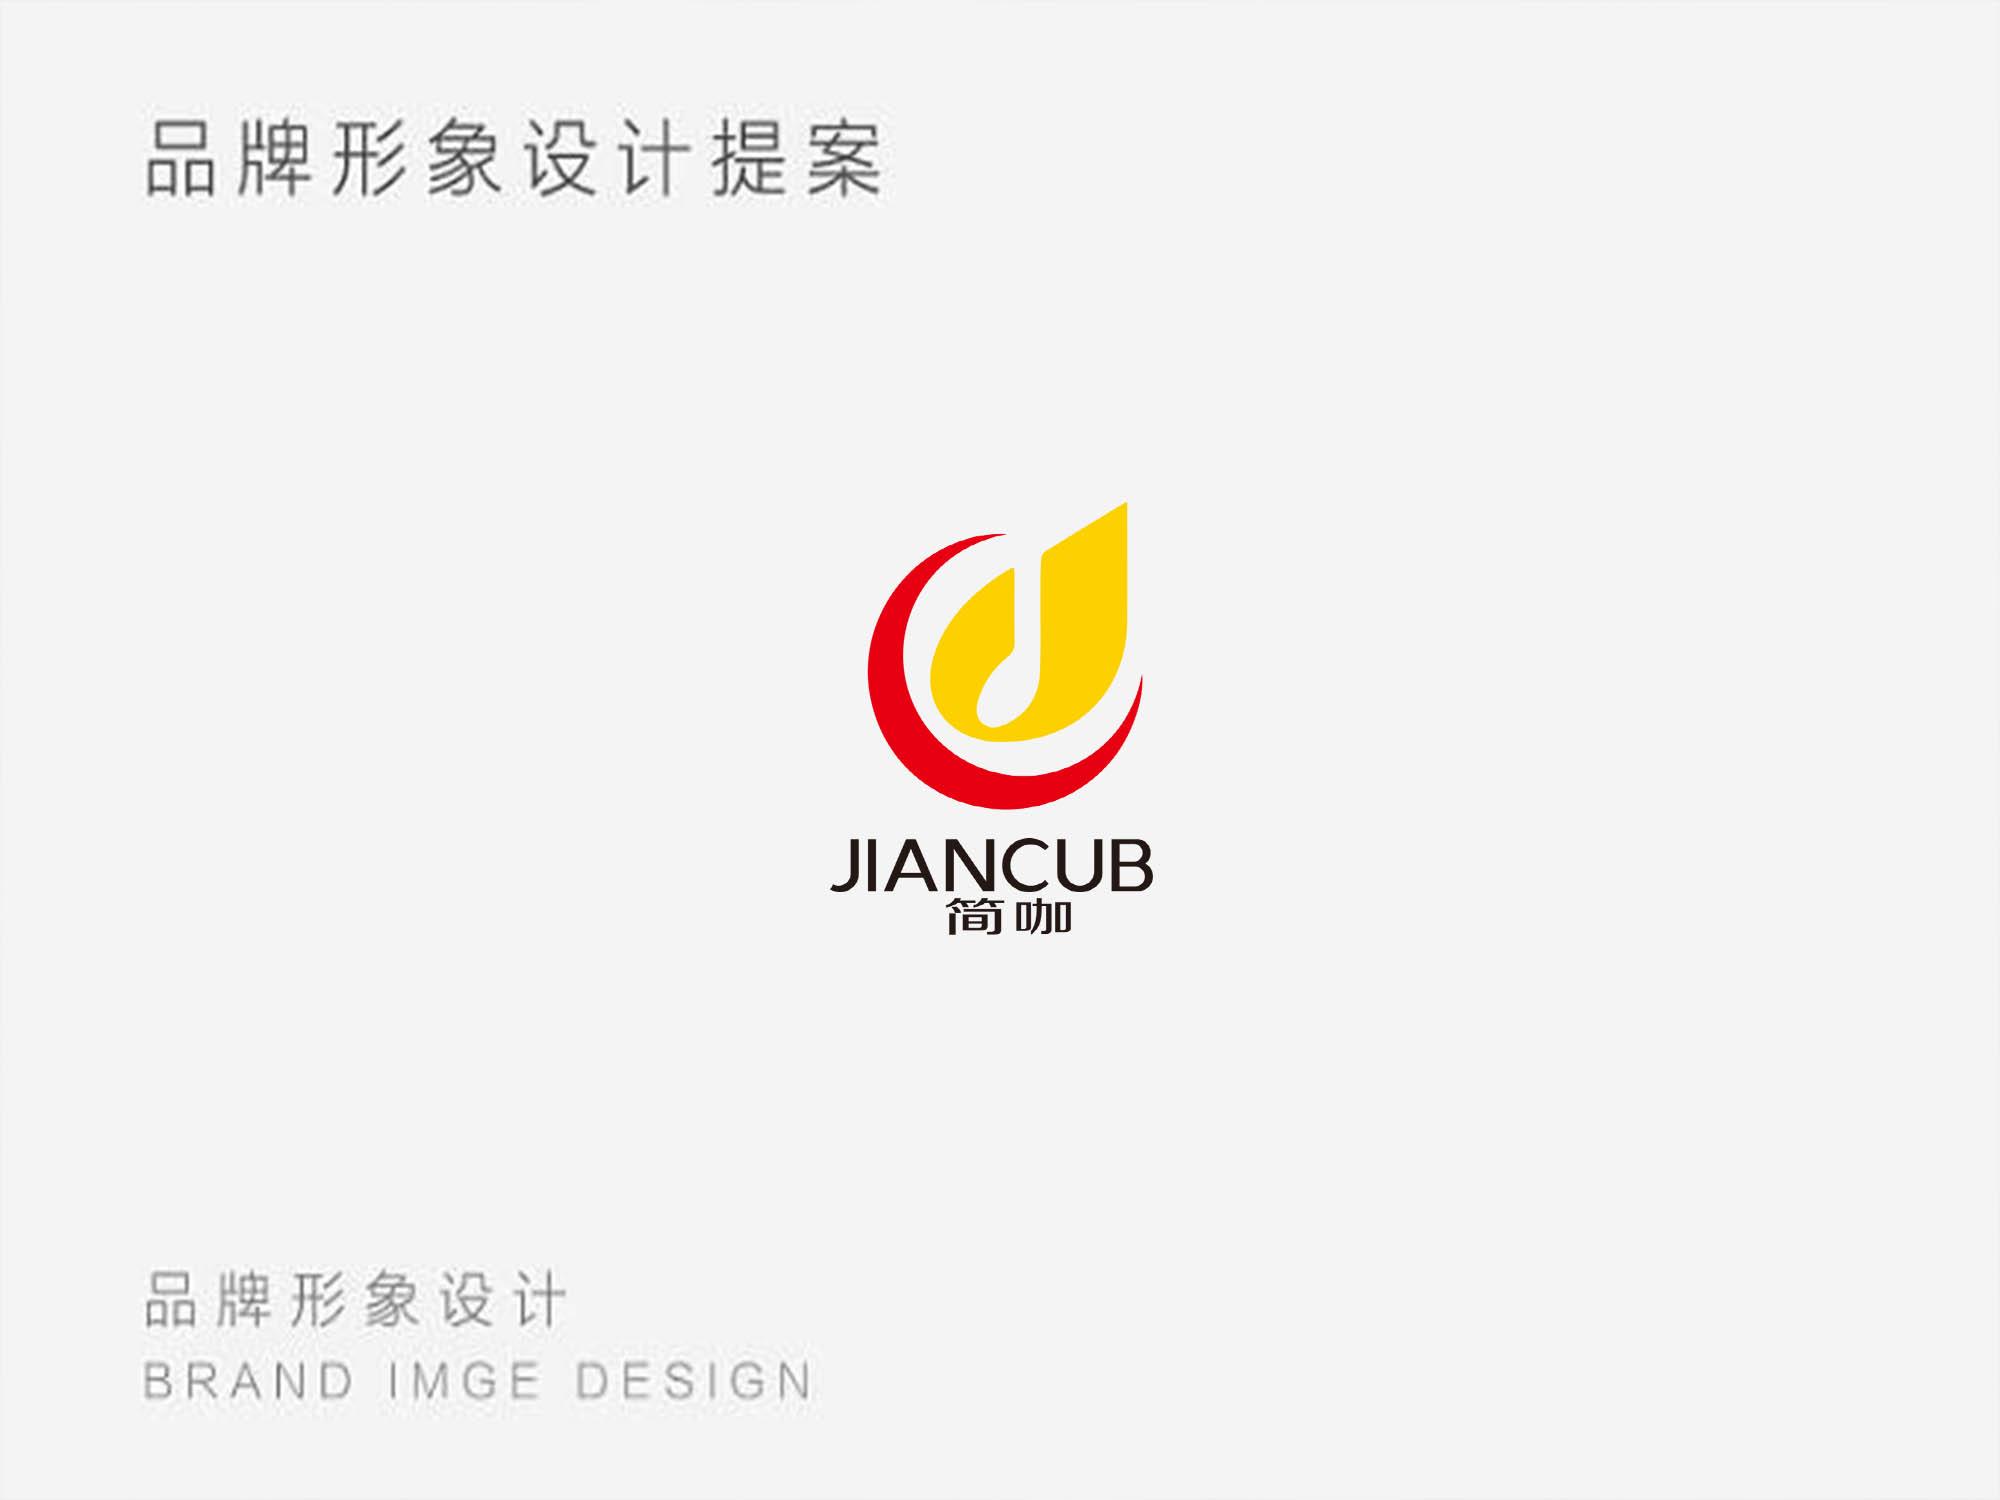 中英文电商Logo_3030229_k68威客网